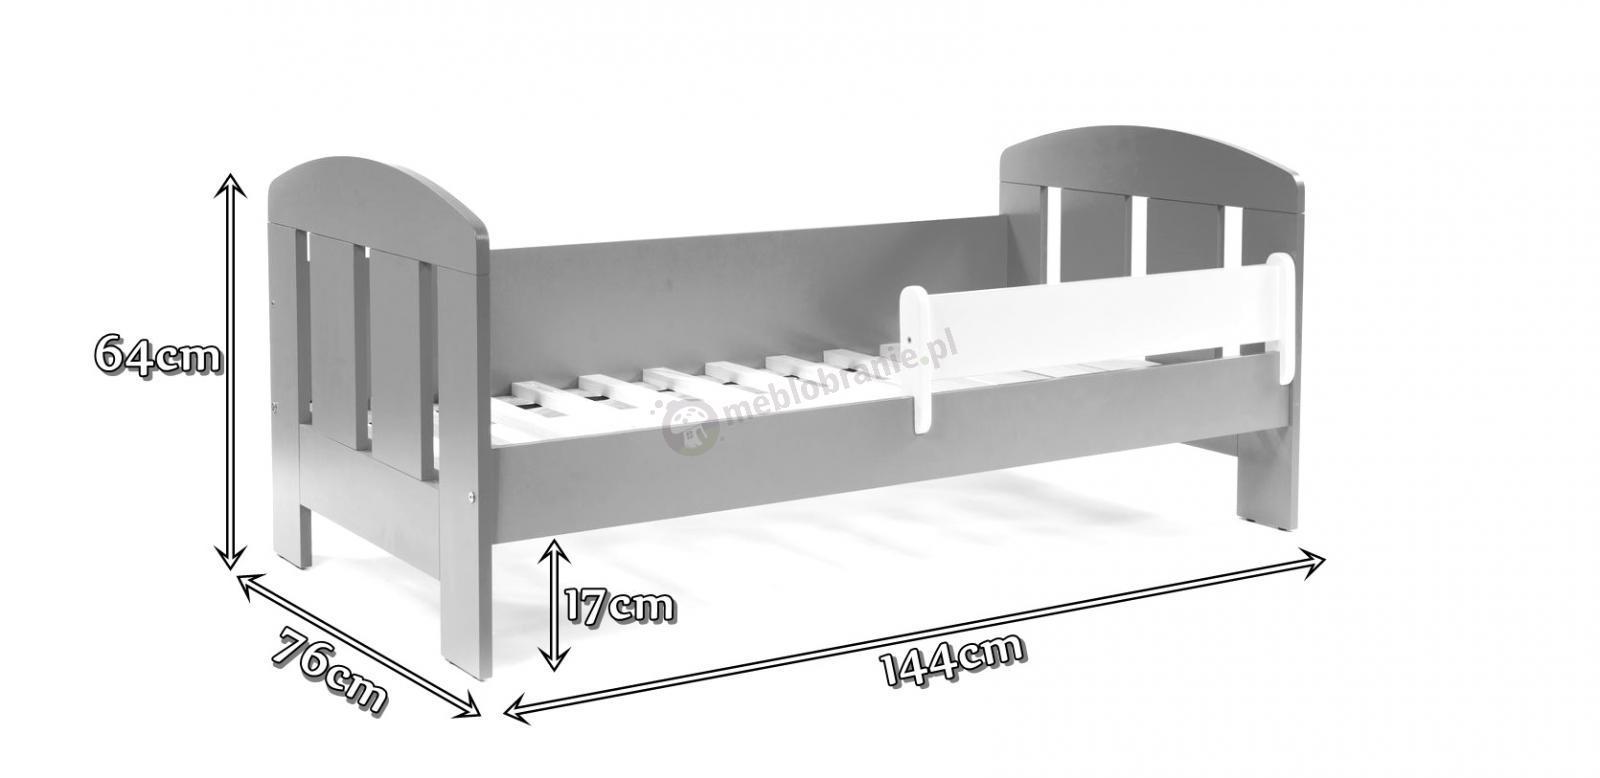 Łóżko Flores 140x70cm wymiary